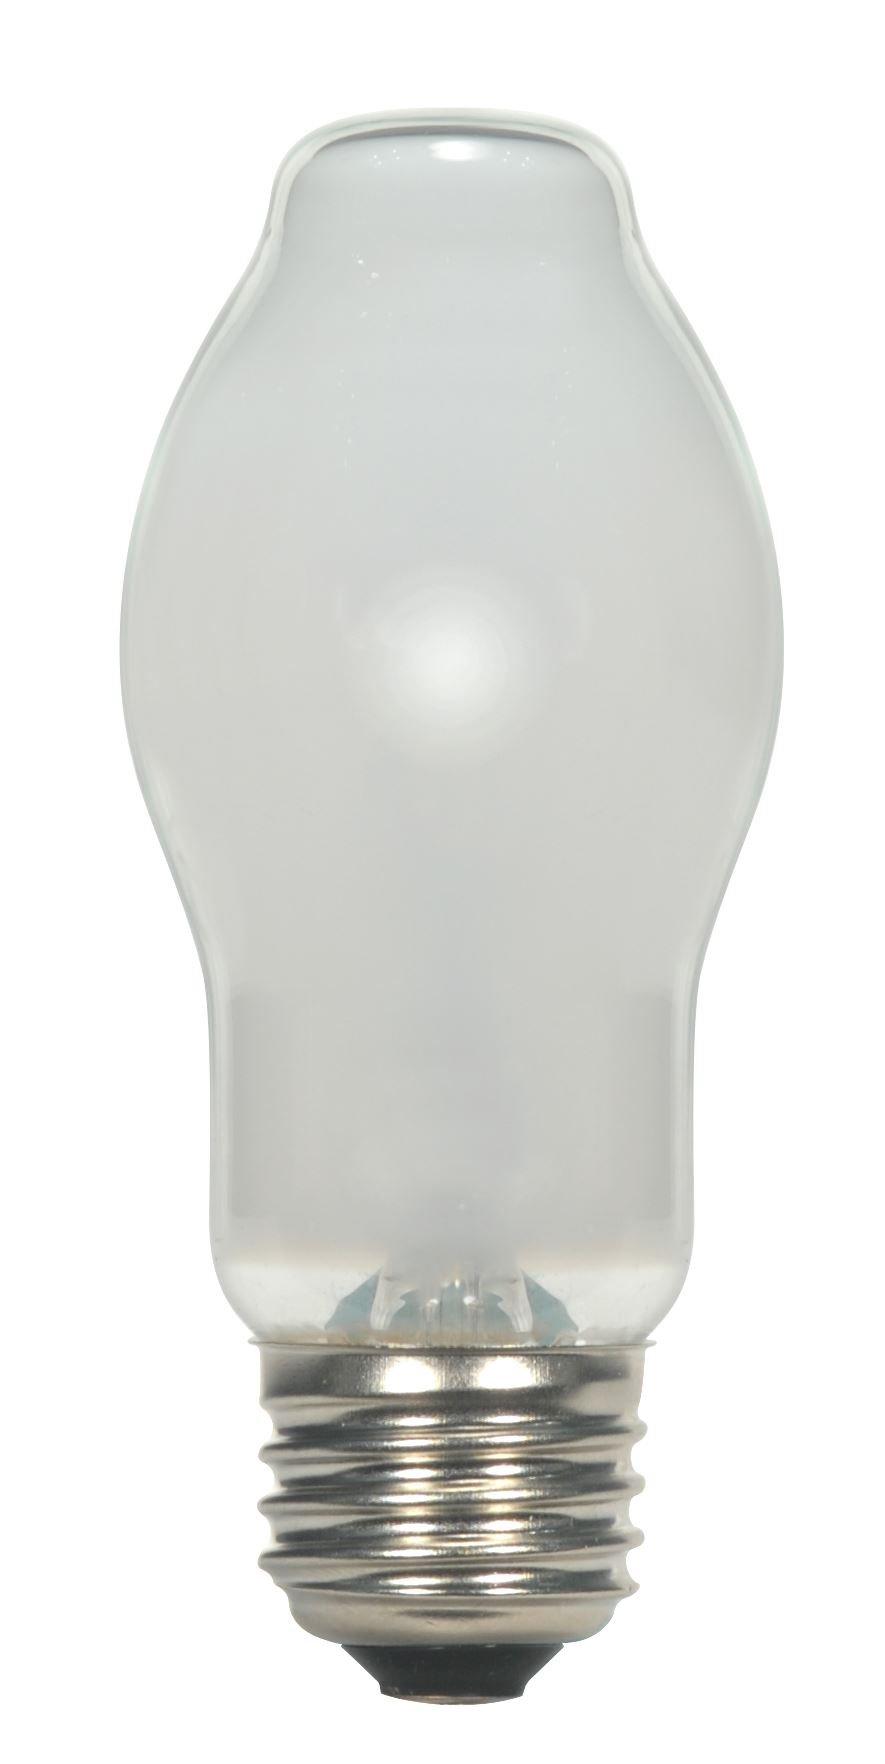 Satco 43BT15/WH/120V/E26 Card Halogen Halogen, 43W E26 BT15, White Bulb [Pack of 24]